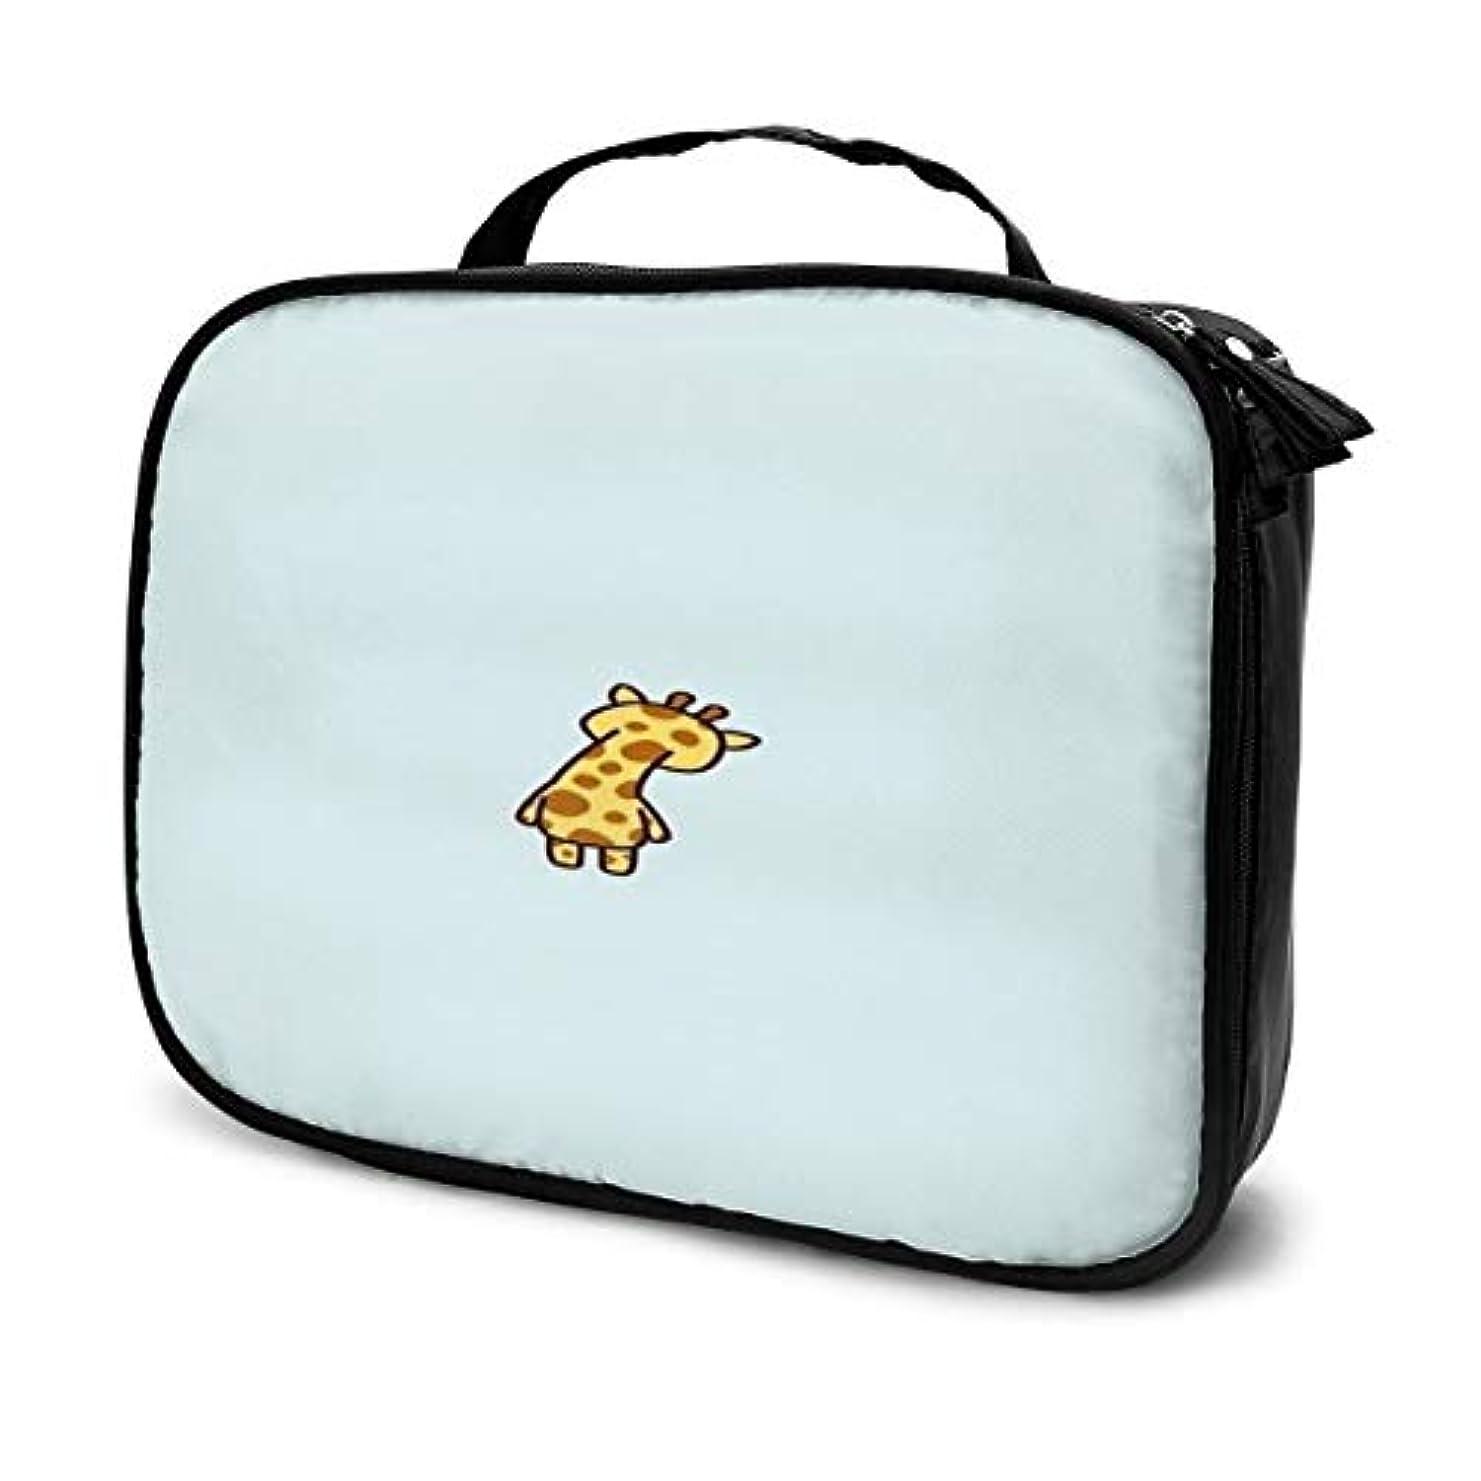 ふつうマスタード繊細Daituキリン 化粧品袋の女性旅行バッグ収納大容量防水アクセサリー旅行